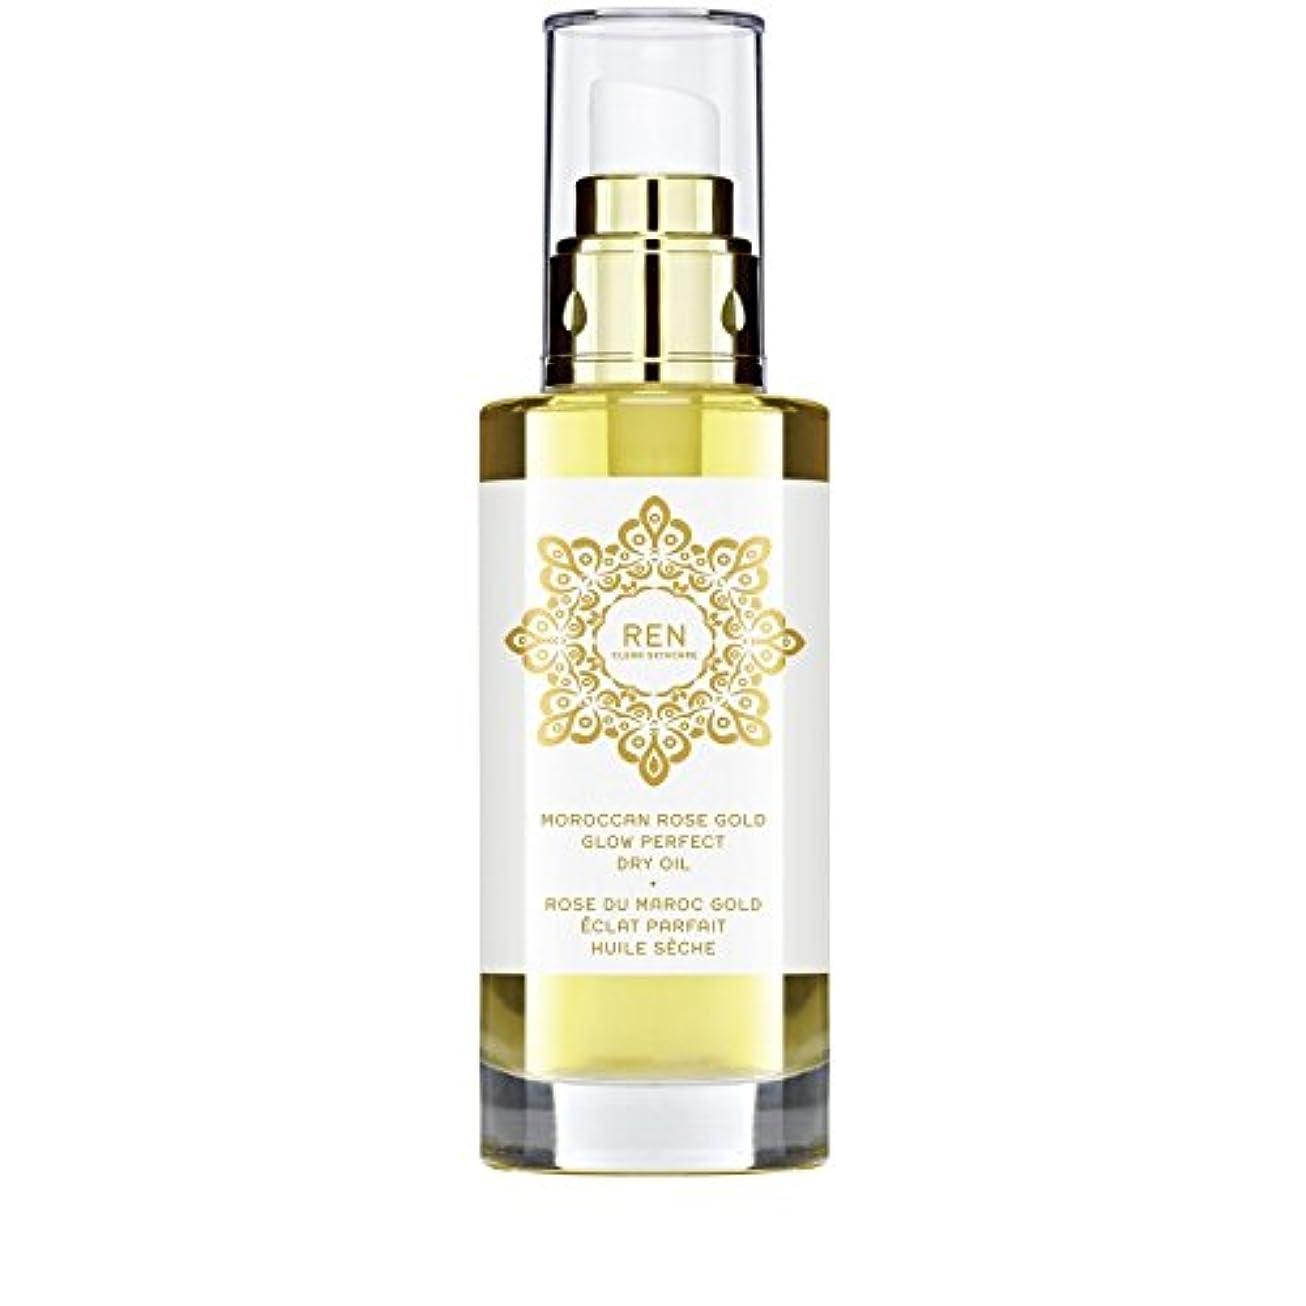 困惑する解放する柔らかさモロッコは金が完璧なドライオイル100ミリリットルグローバラ x2 - REN Moroccan Rose Gold Glow Perfect Dry Oil 100ml (Pack of 2) [並行輸入品]